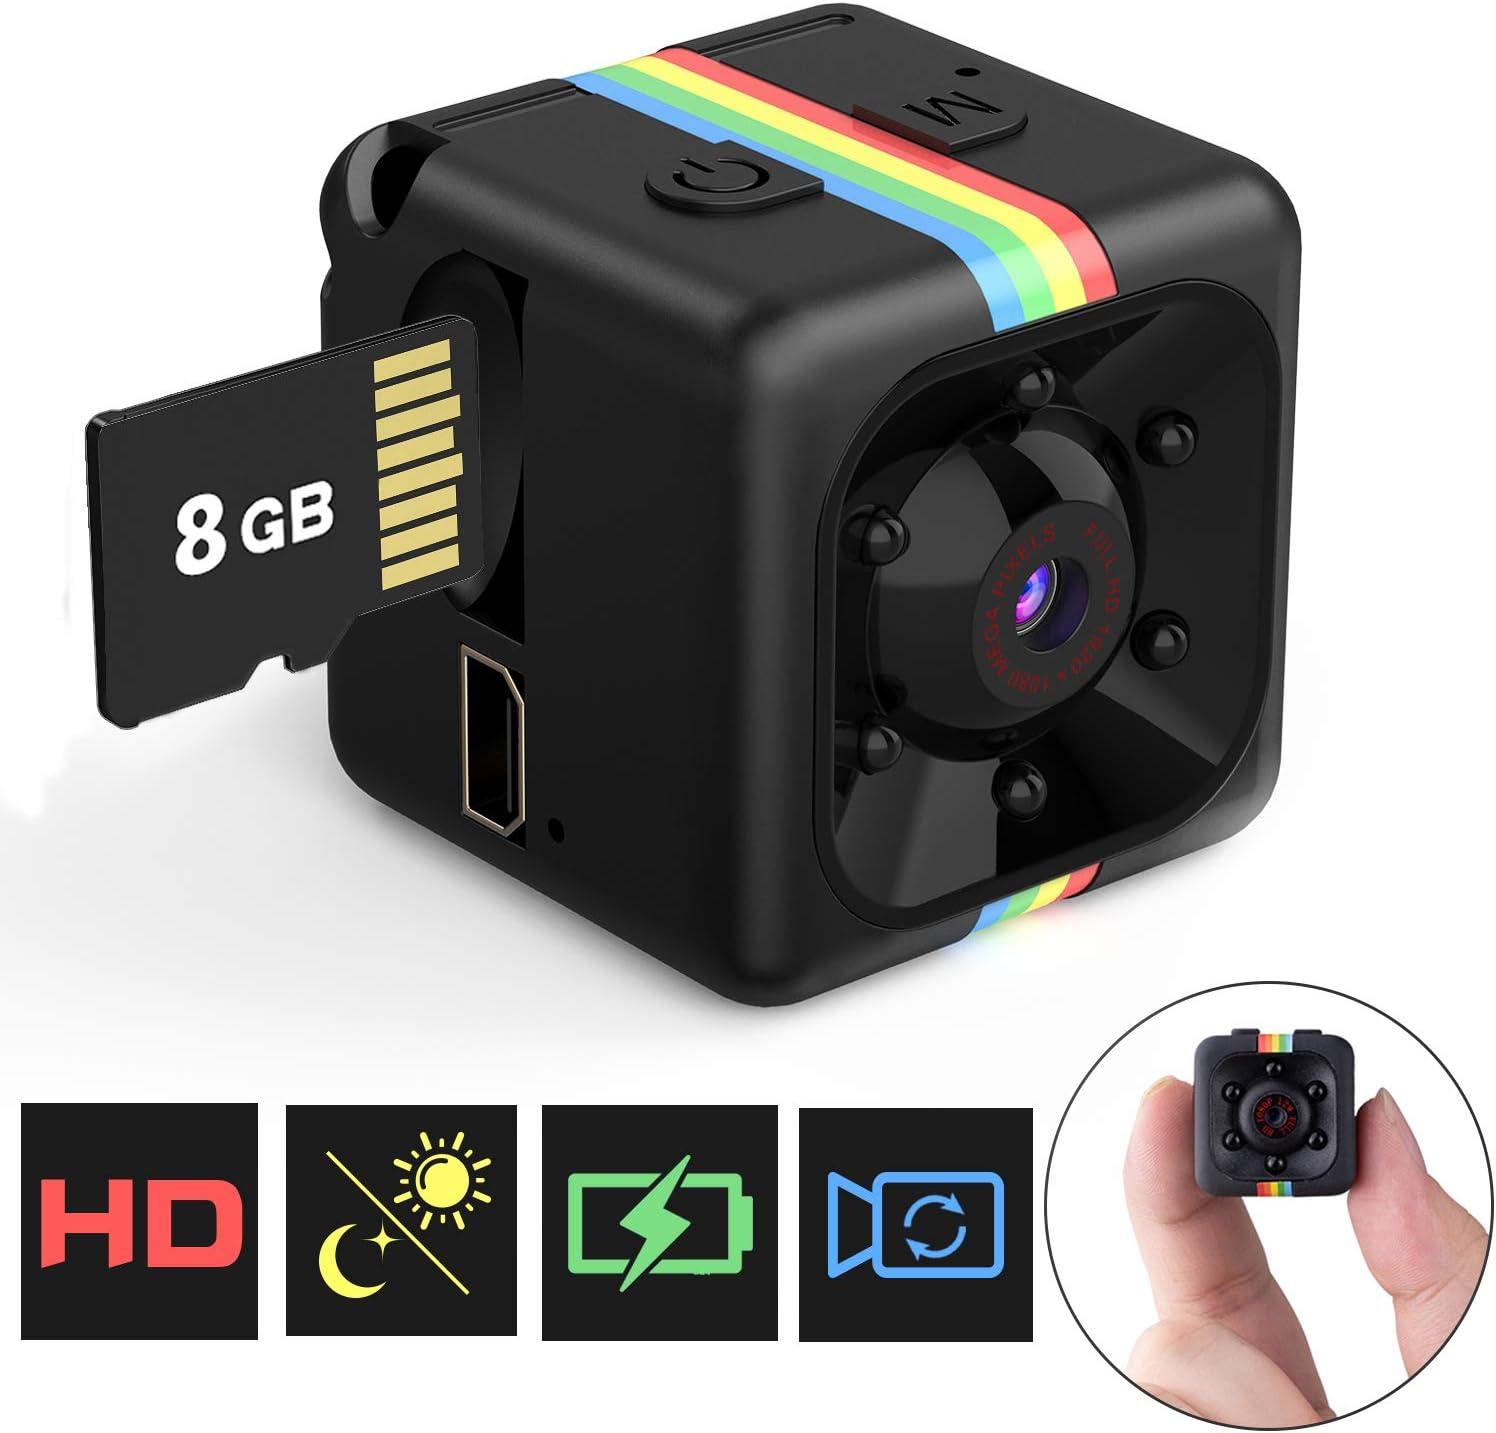 Mini Cámara Espía Oculta Mini Cámara de Vigilancia con Tarjeta SD de 8GB, 1080P HD Grabadora de Video Portátil Camaras de Seguridad con Detección de Movimiento IR Visión Nocturna (Non-WiFi)